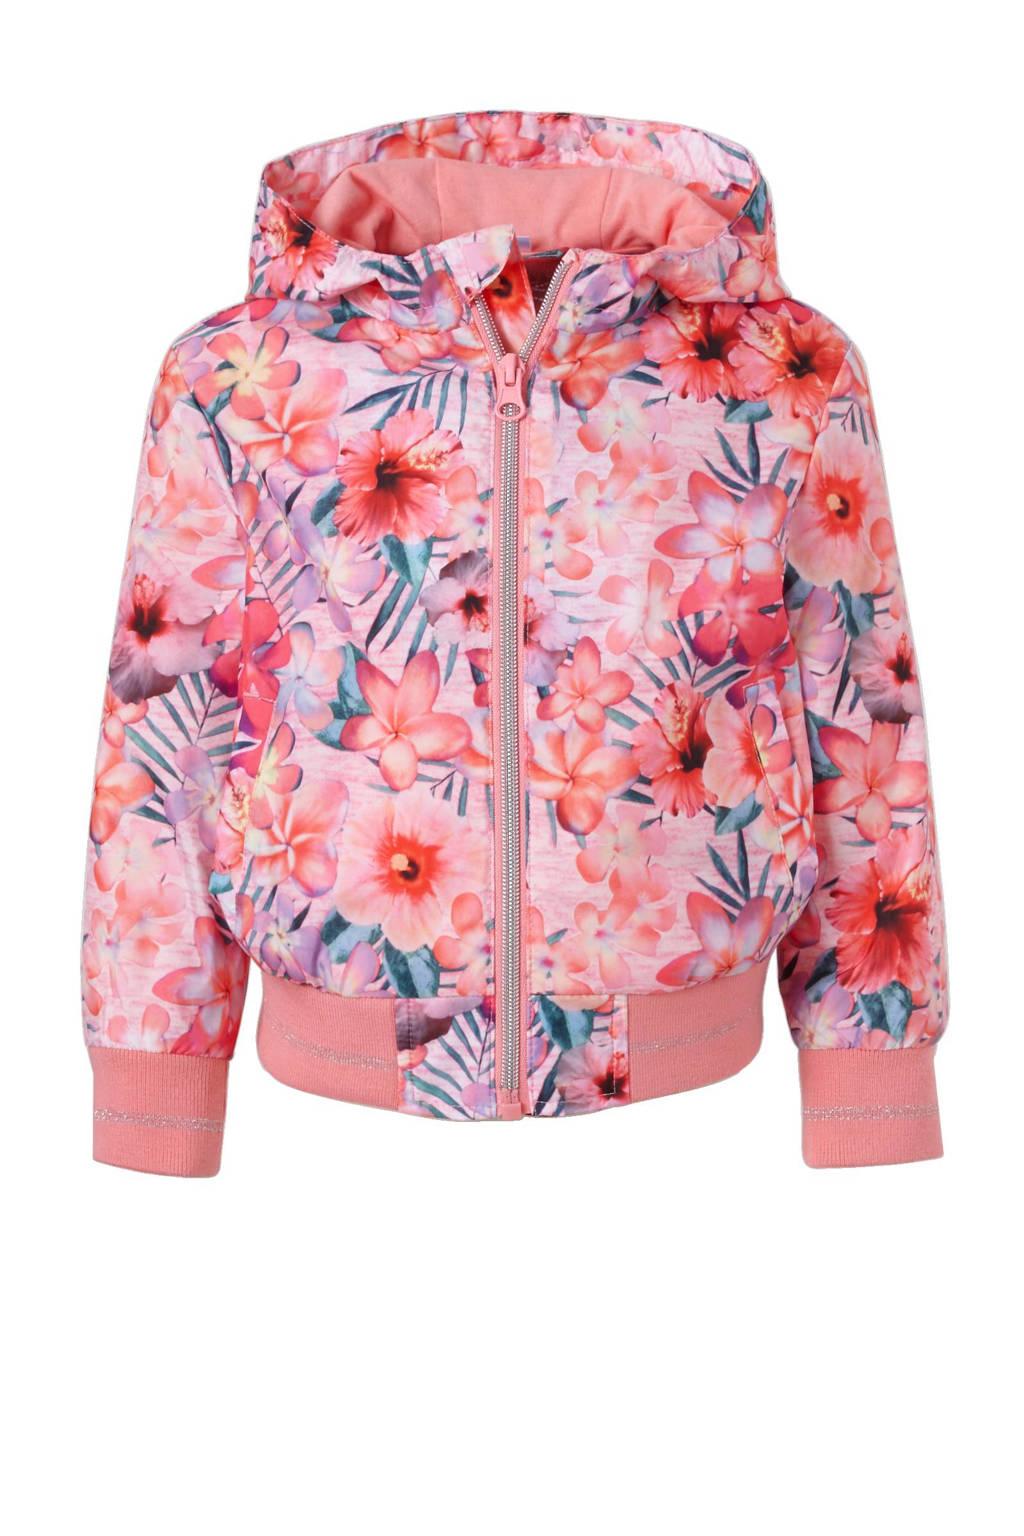 C&A Palomino zomerjas met bloemen, Roze